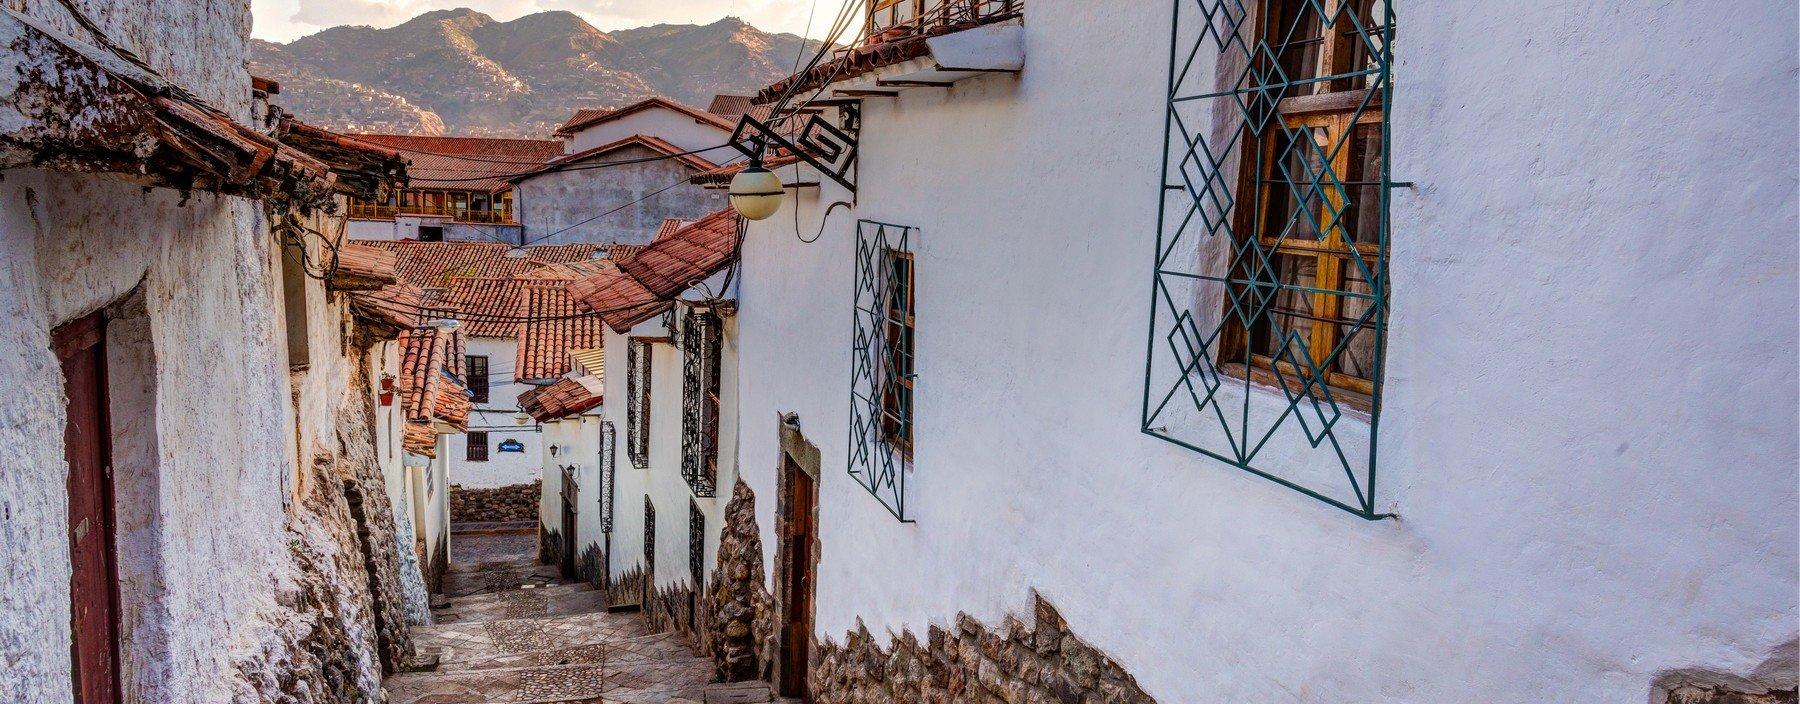 pe, cuzco, san blas (4).jpg